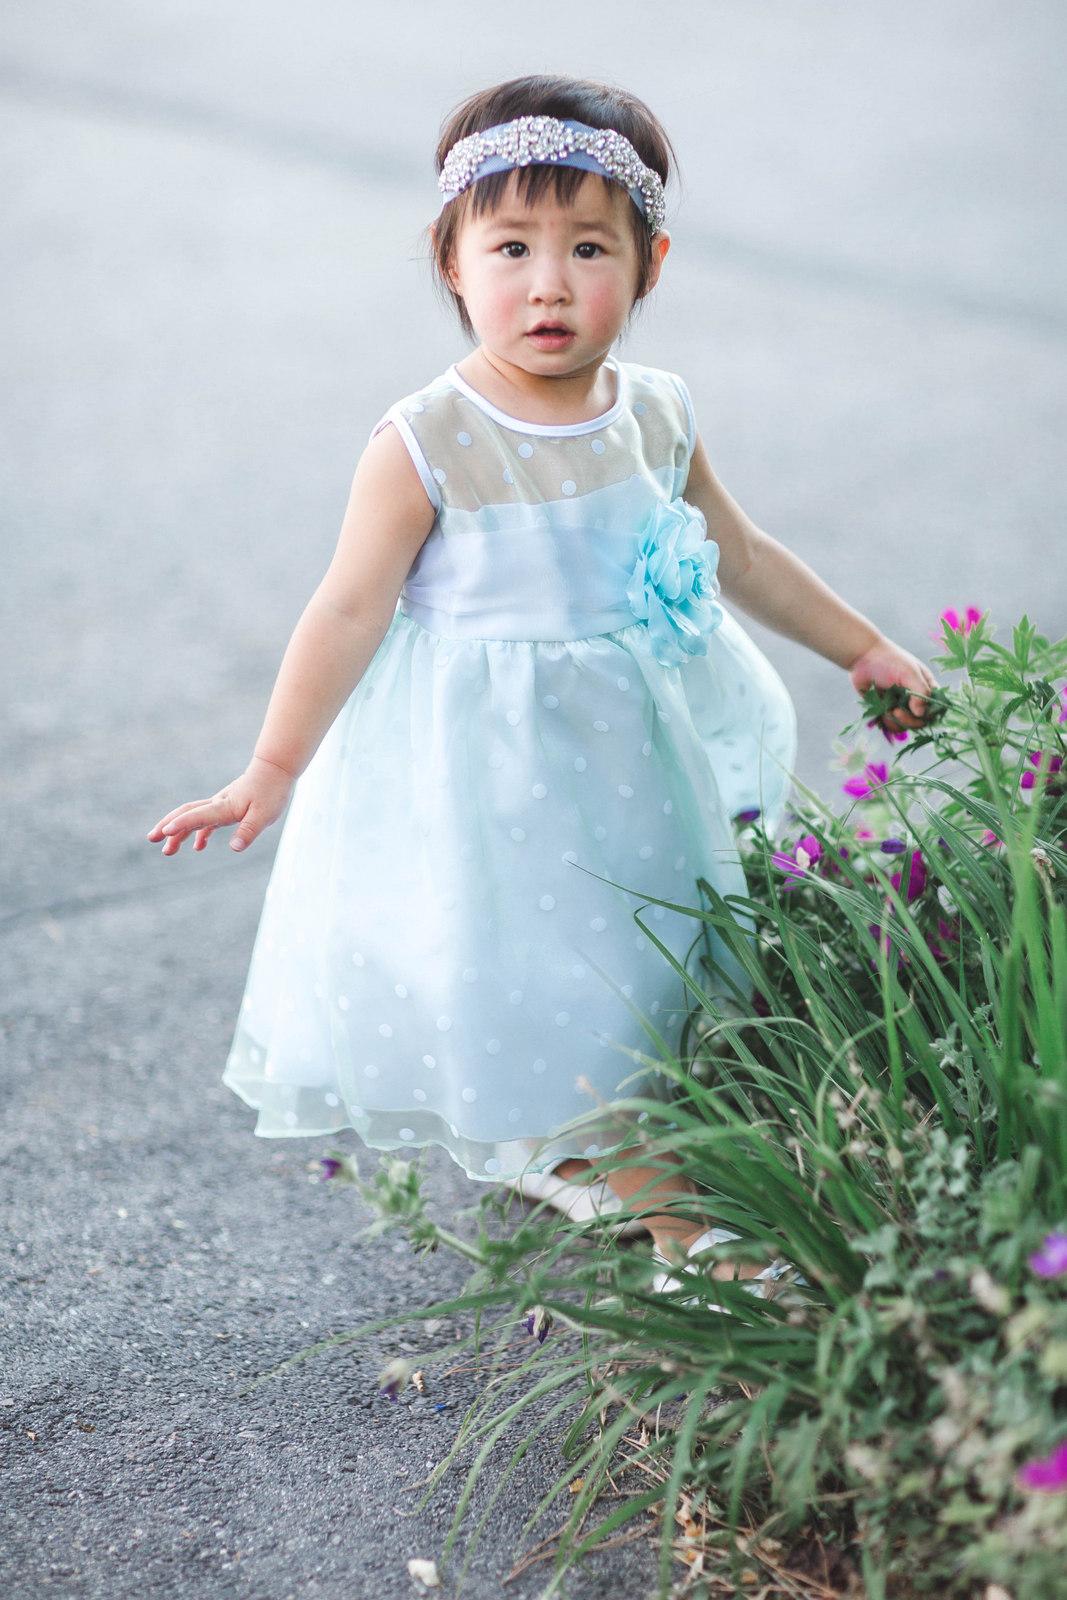 Kids Dream Dresses for Girls